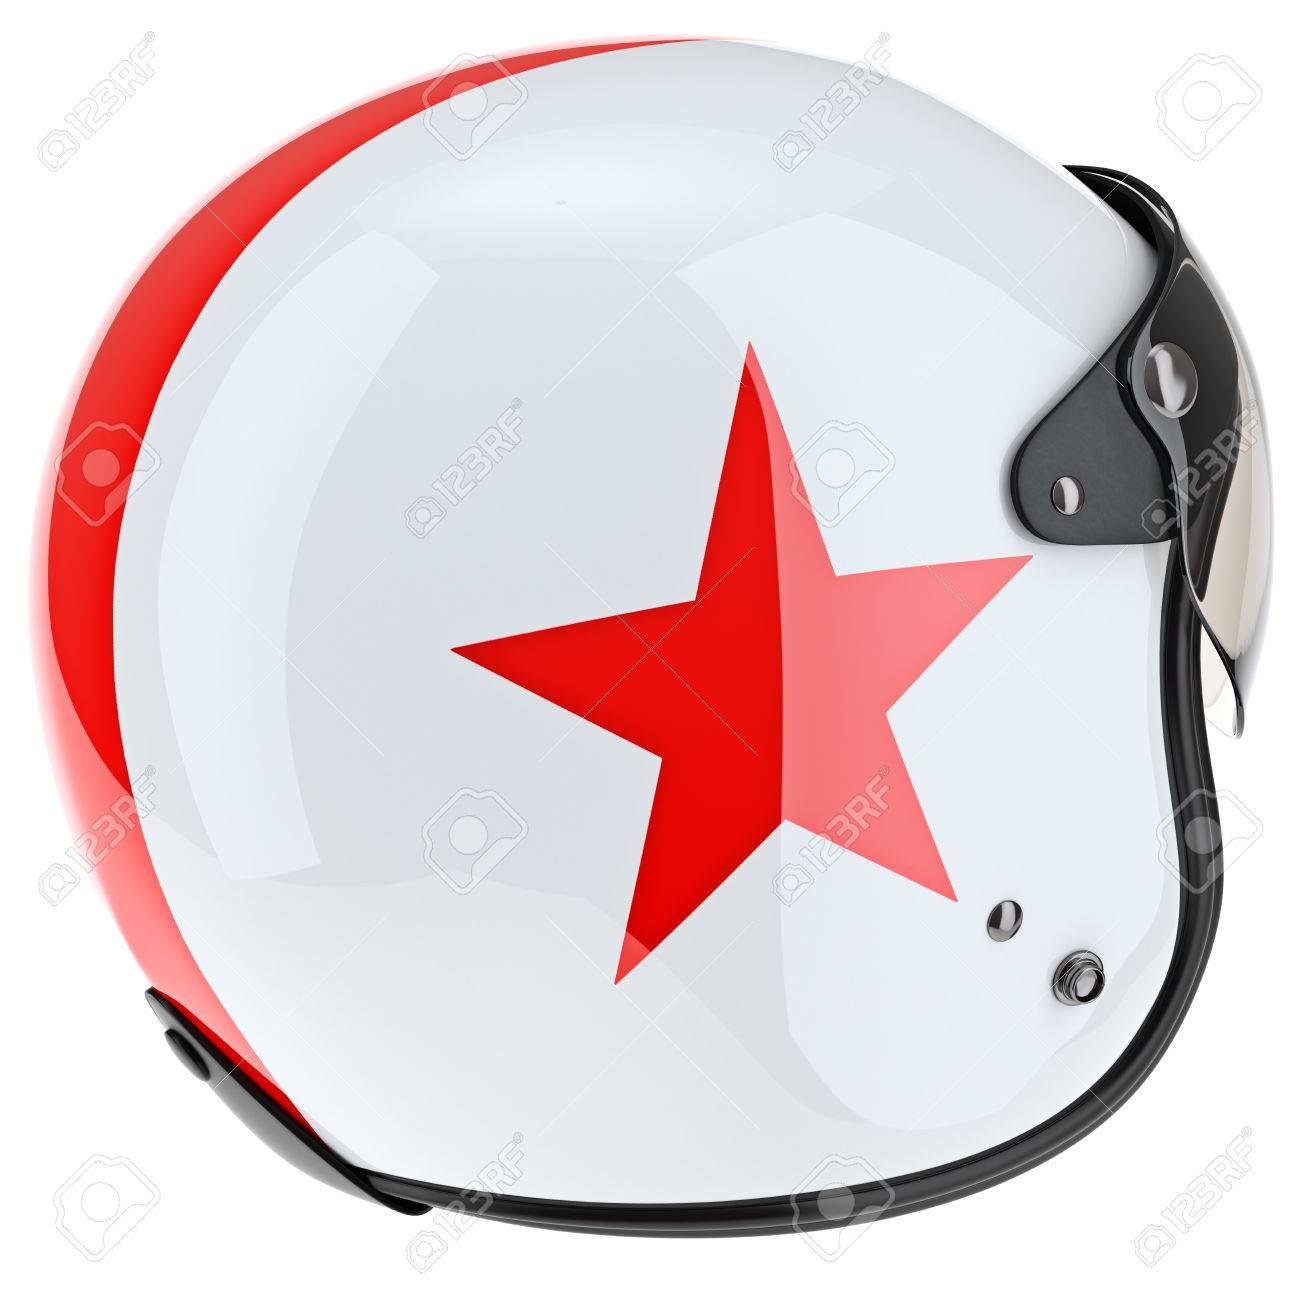 Casco protector con asterisco rojo y borde de caucho. 3D objeto gráfico en  el fondo 464bd0f31b70